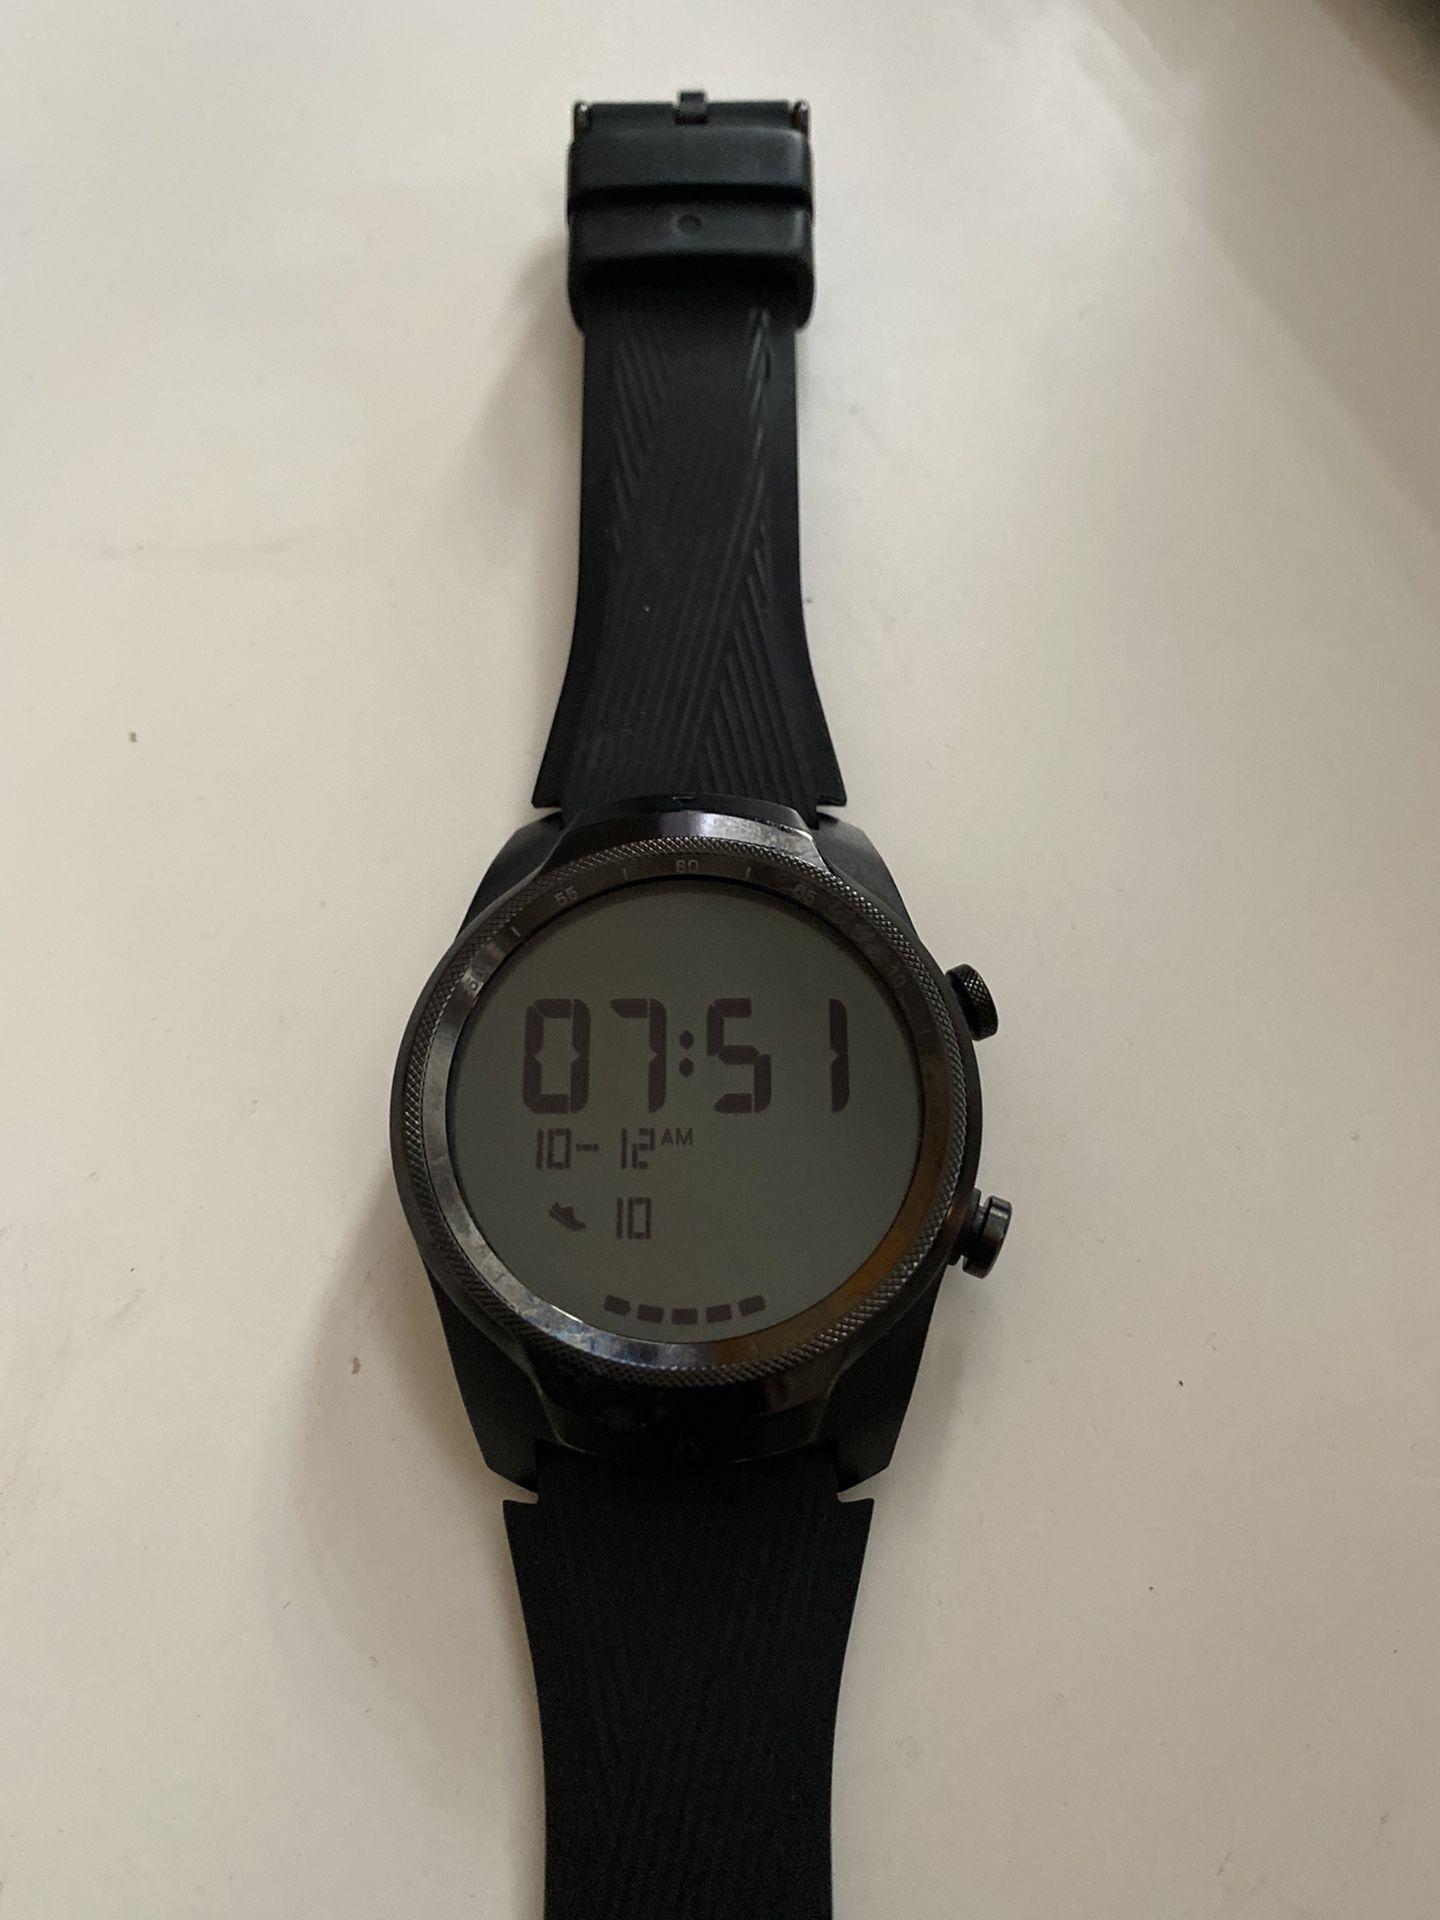 Tic Watch Pro 4g